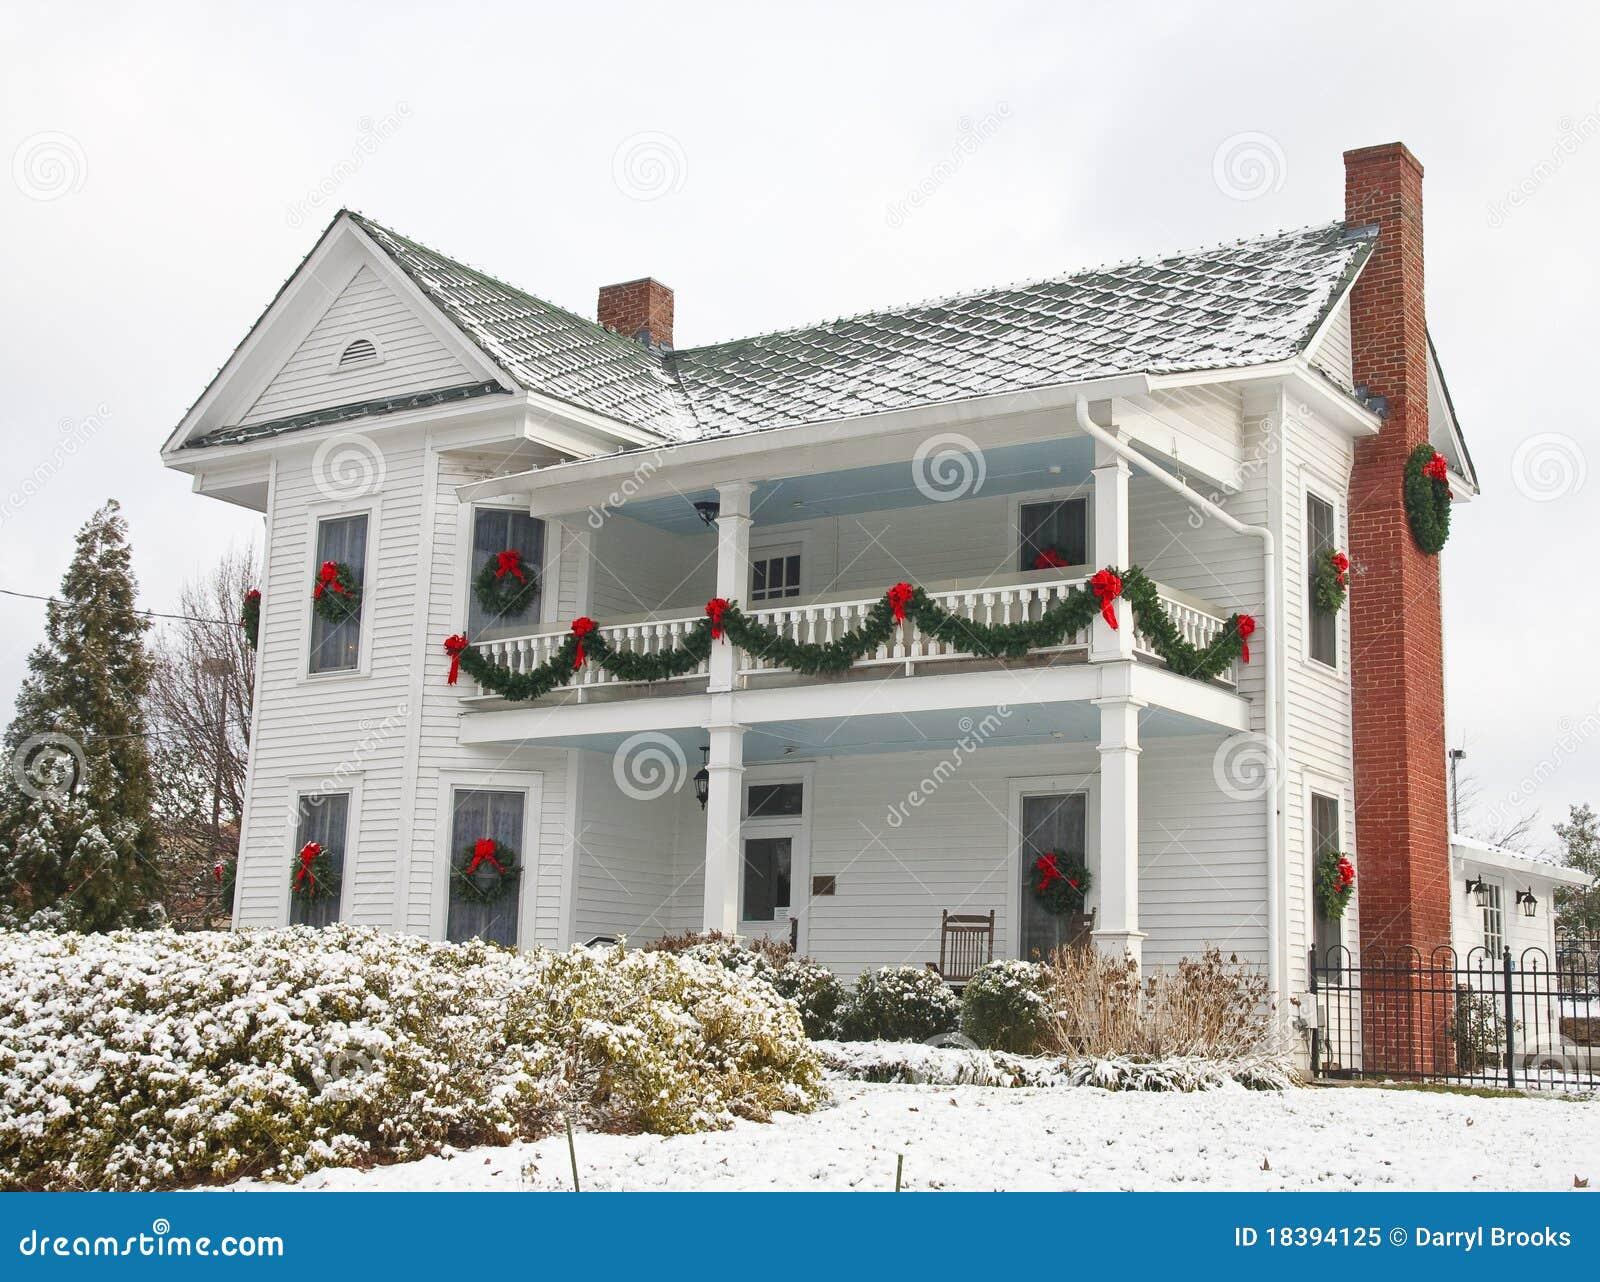 Casa de dos pisos blanca adornada para la navidad imagen - Casas adornadas de navidad ...